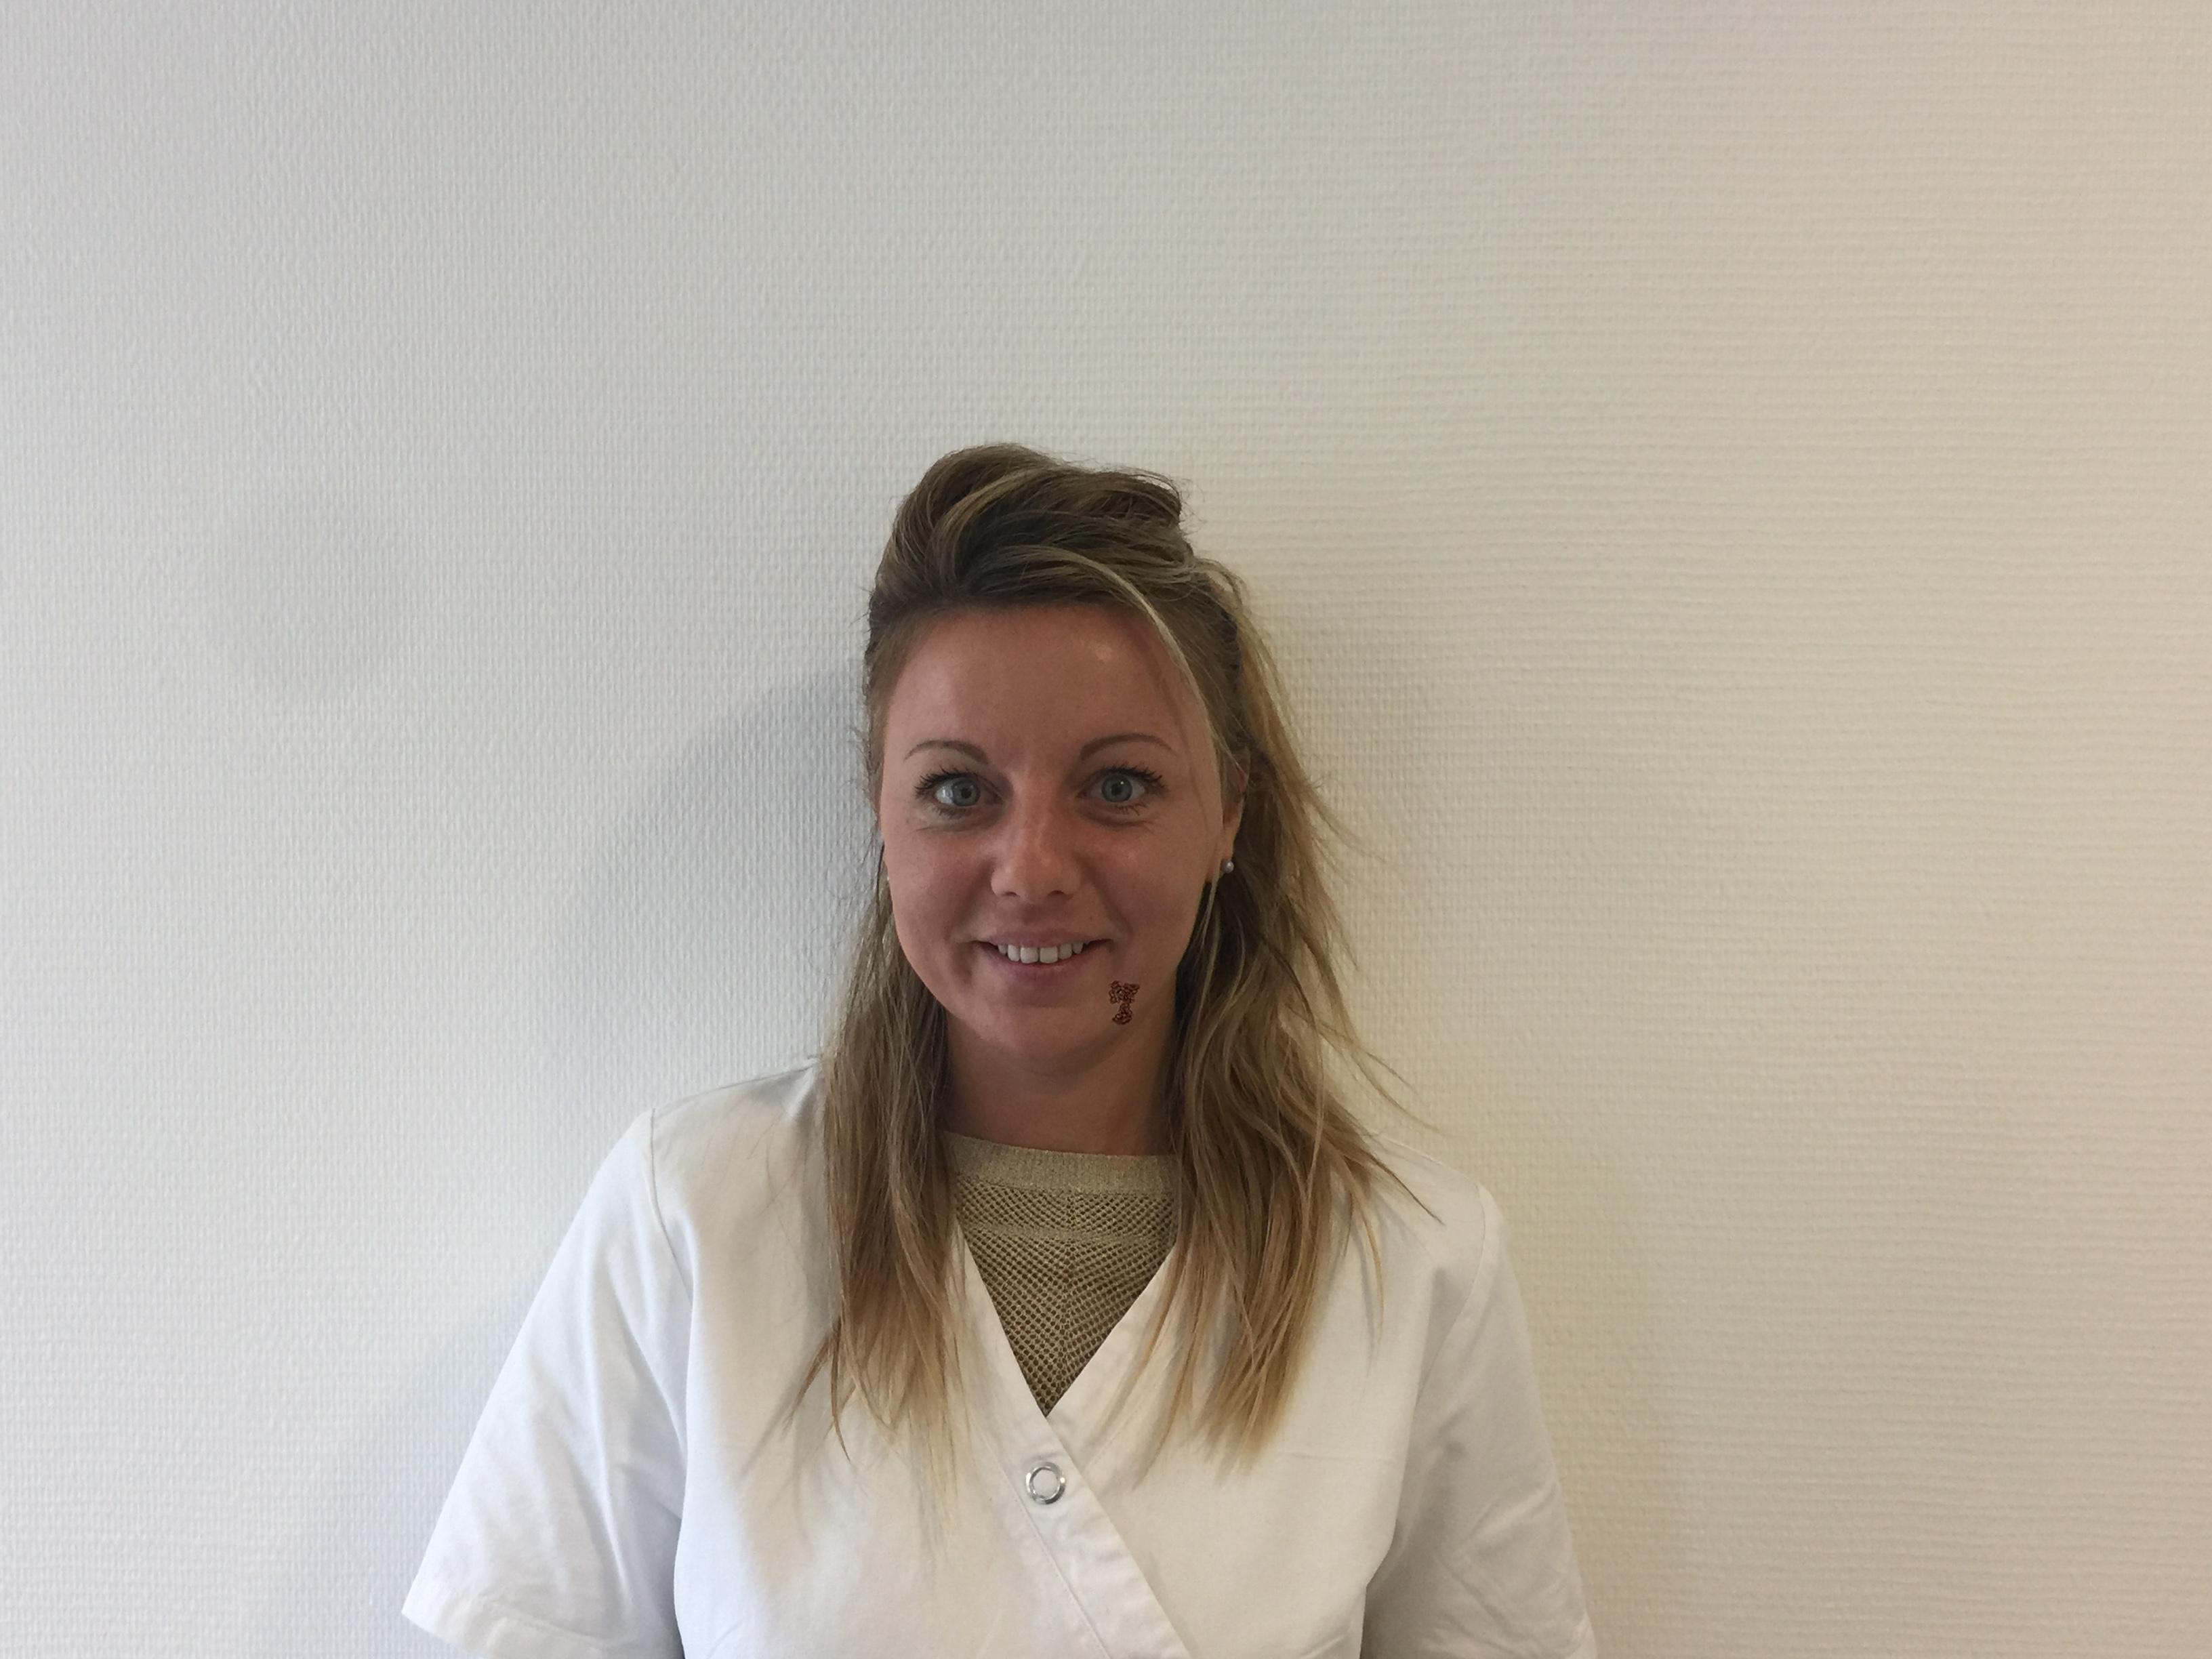 Orthodontiste à vernon, Dr Emma PUECH